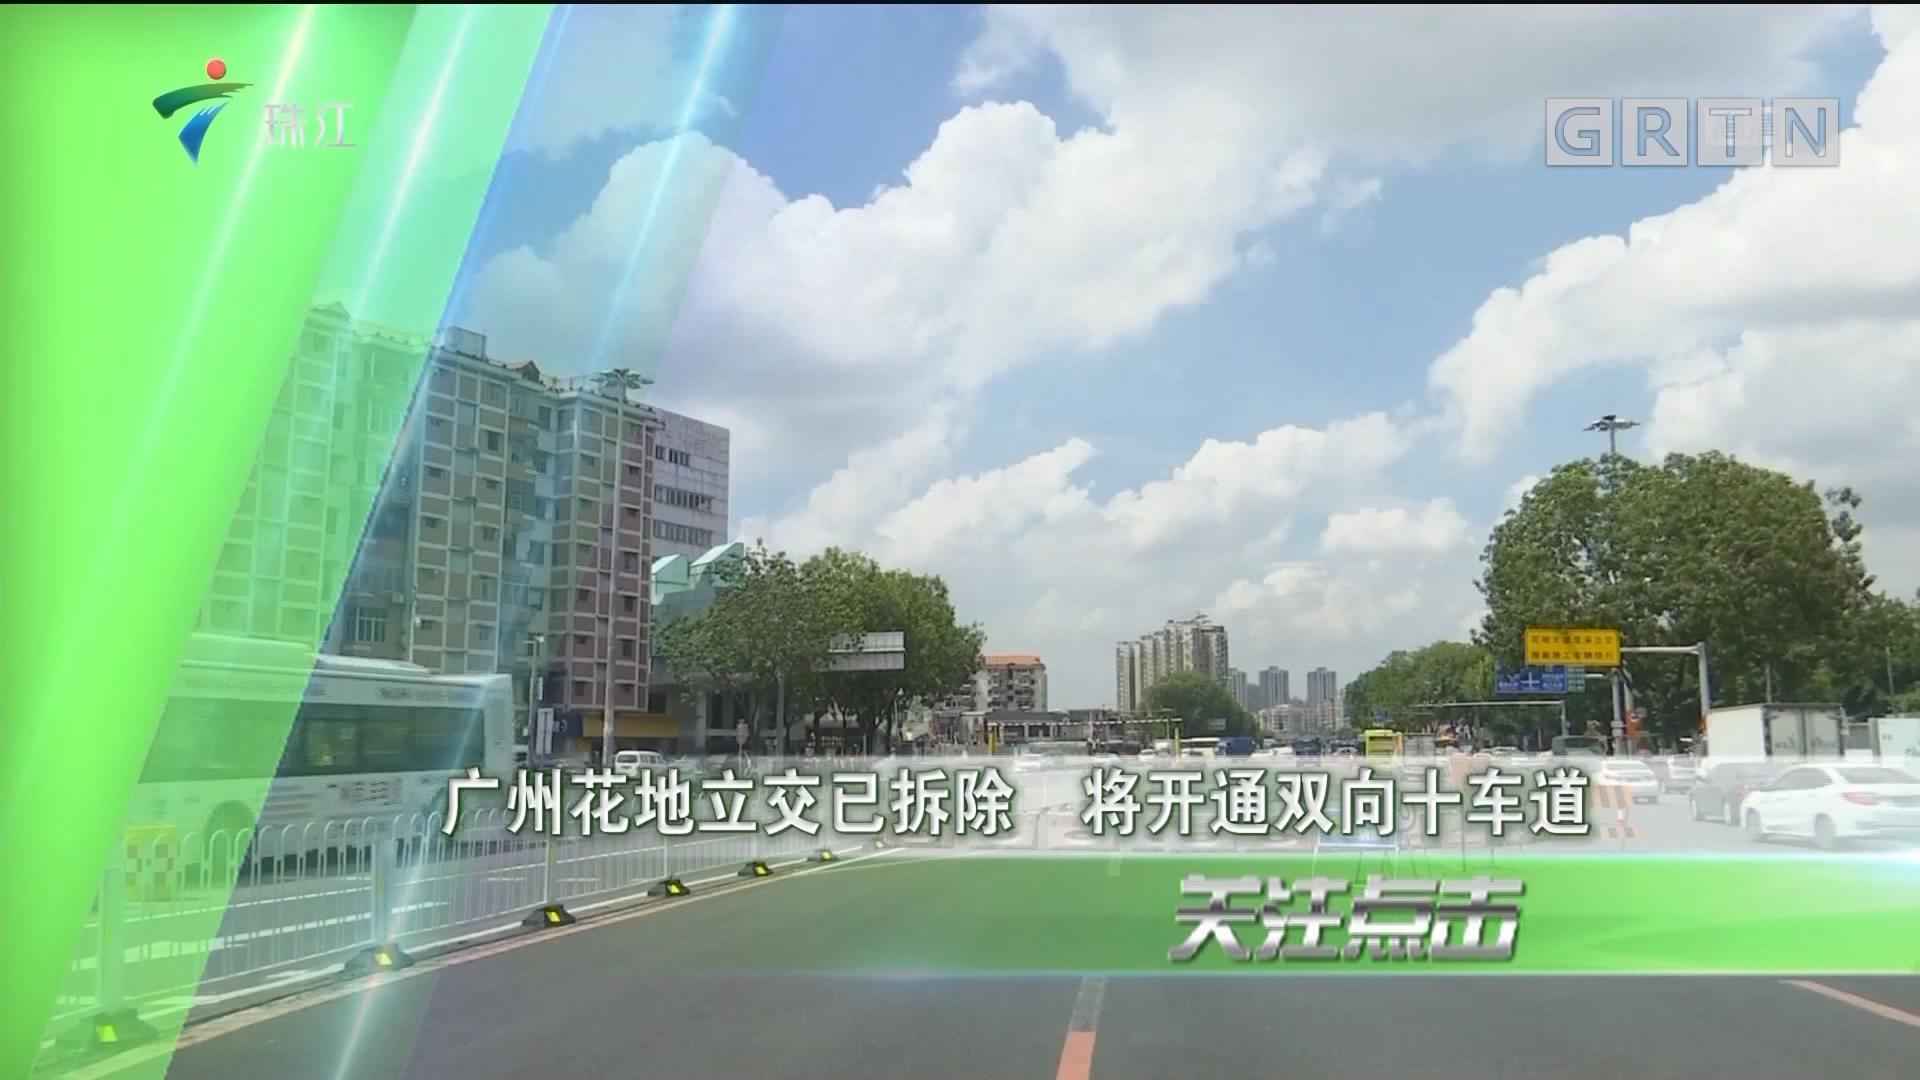 广州花地立交已拆除 将开通双向十车道